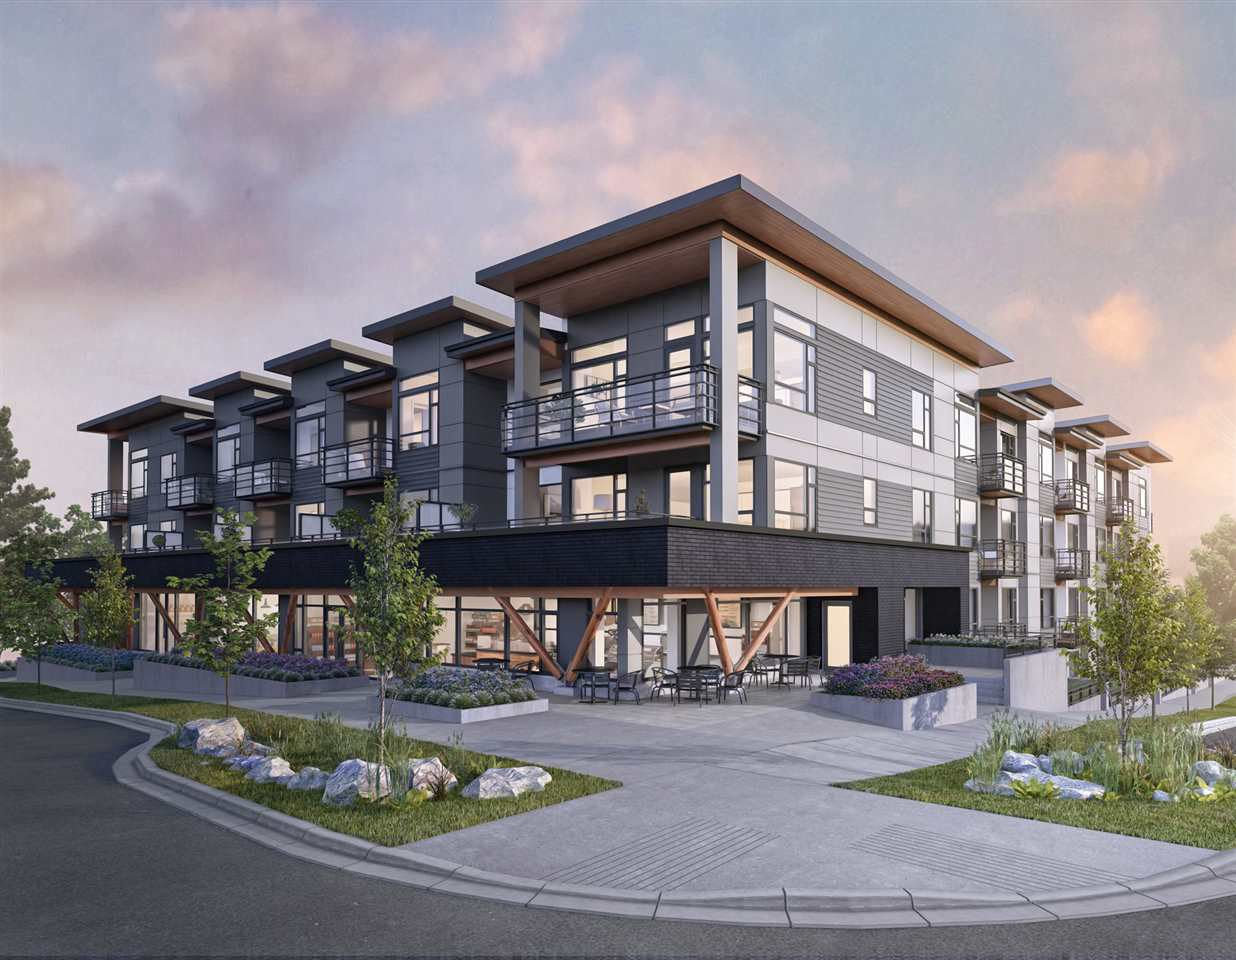 """Main Photo: 202 715 W 15 Street in North Vancouver: Mosquito Creek Condo for sale in """"Creston"""" : MLS®# R2406126"""